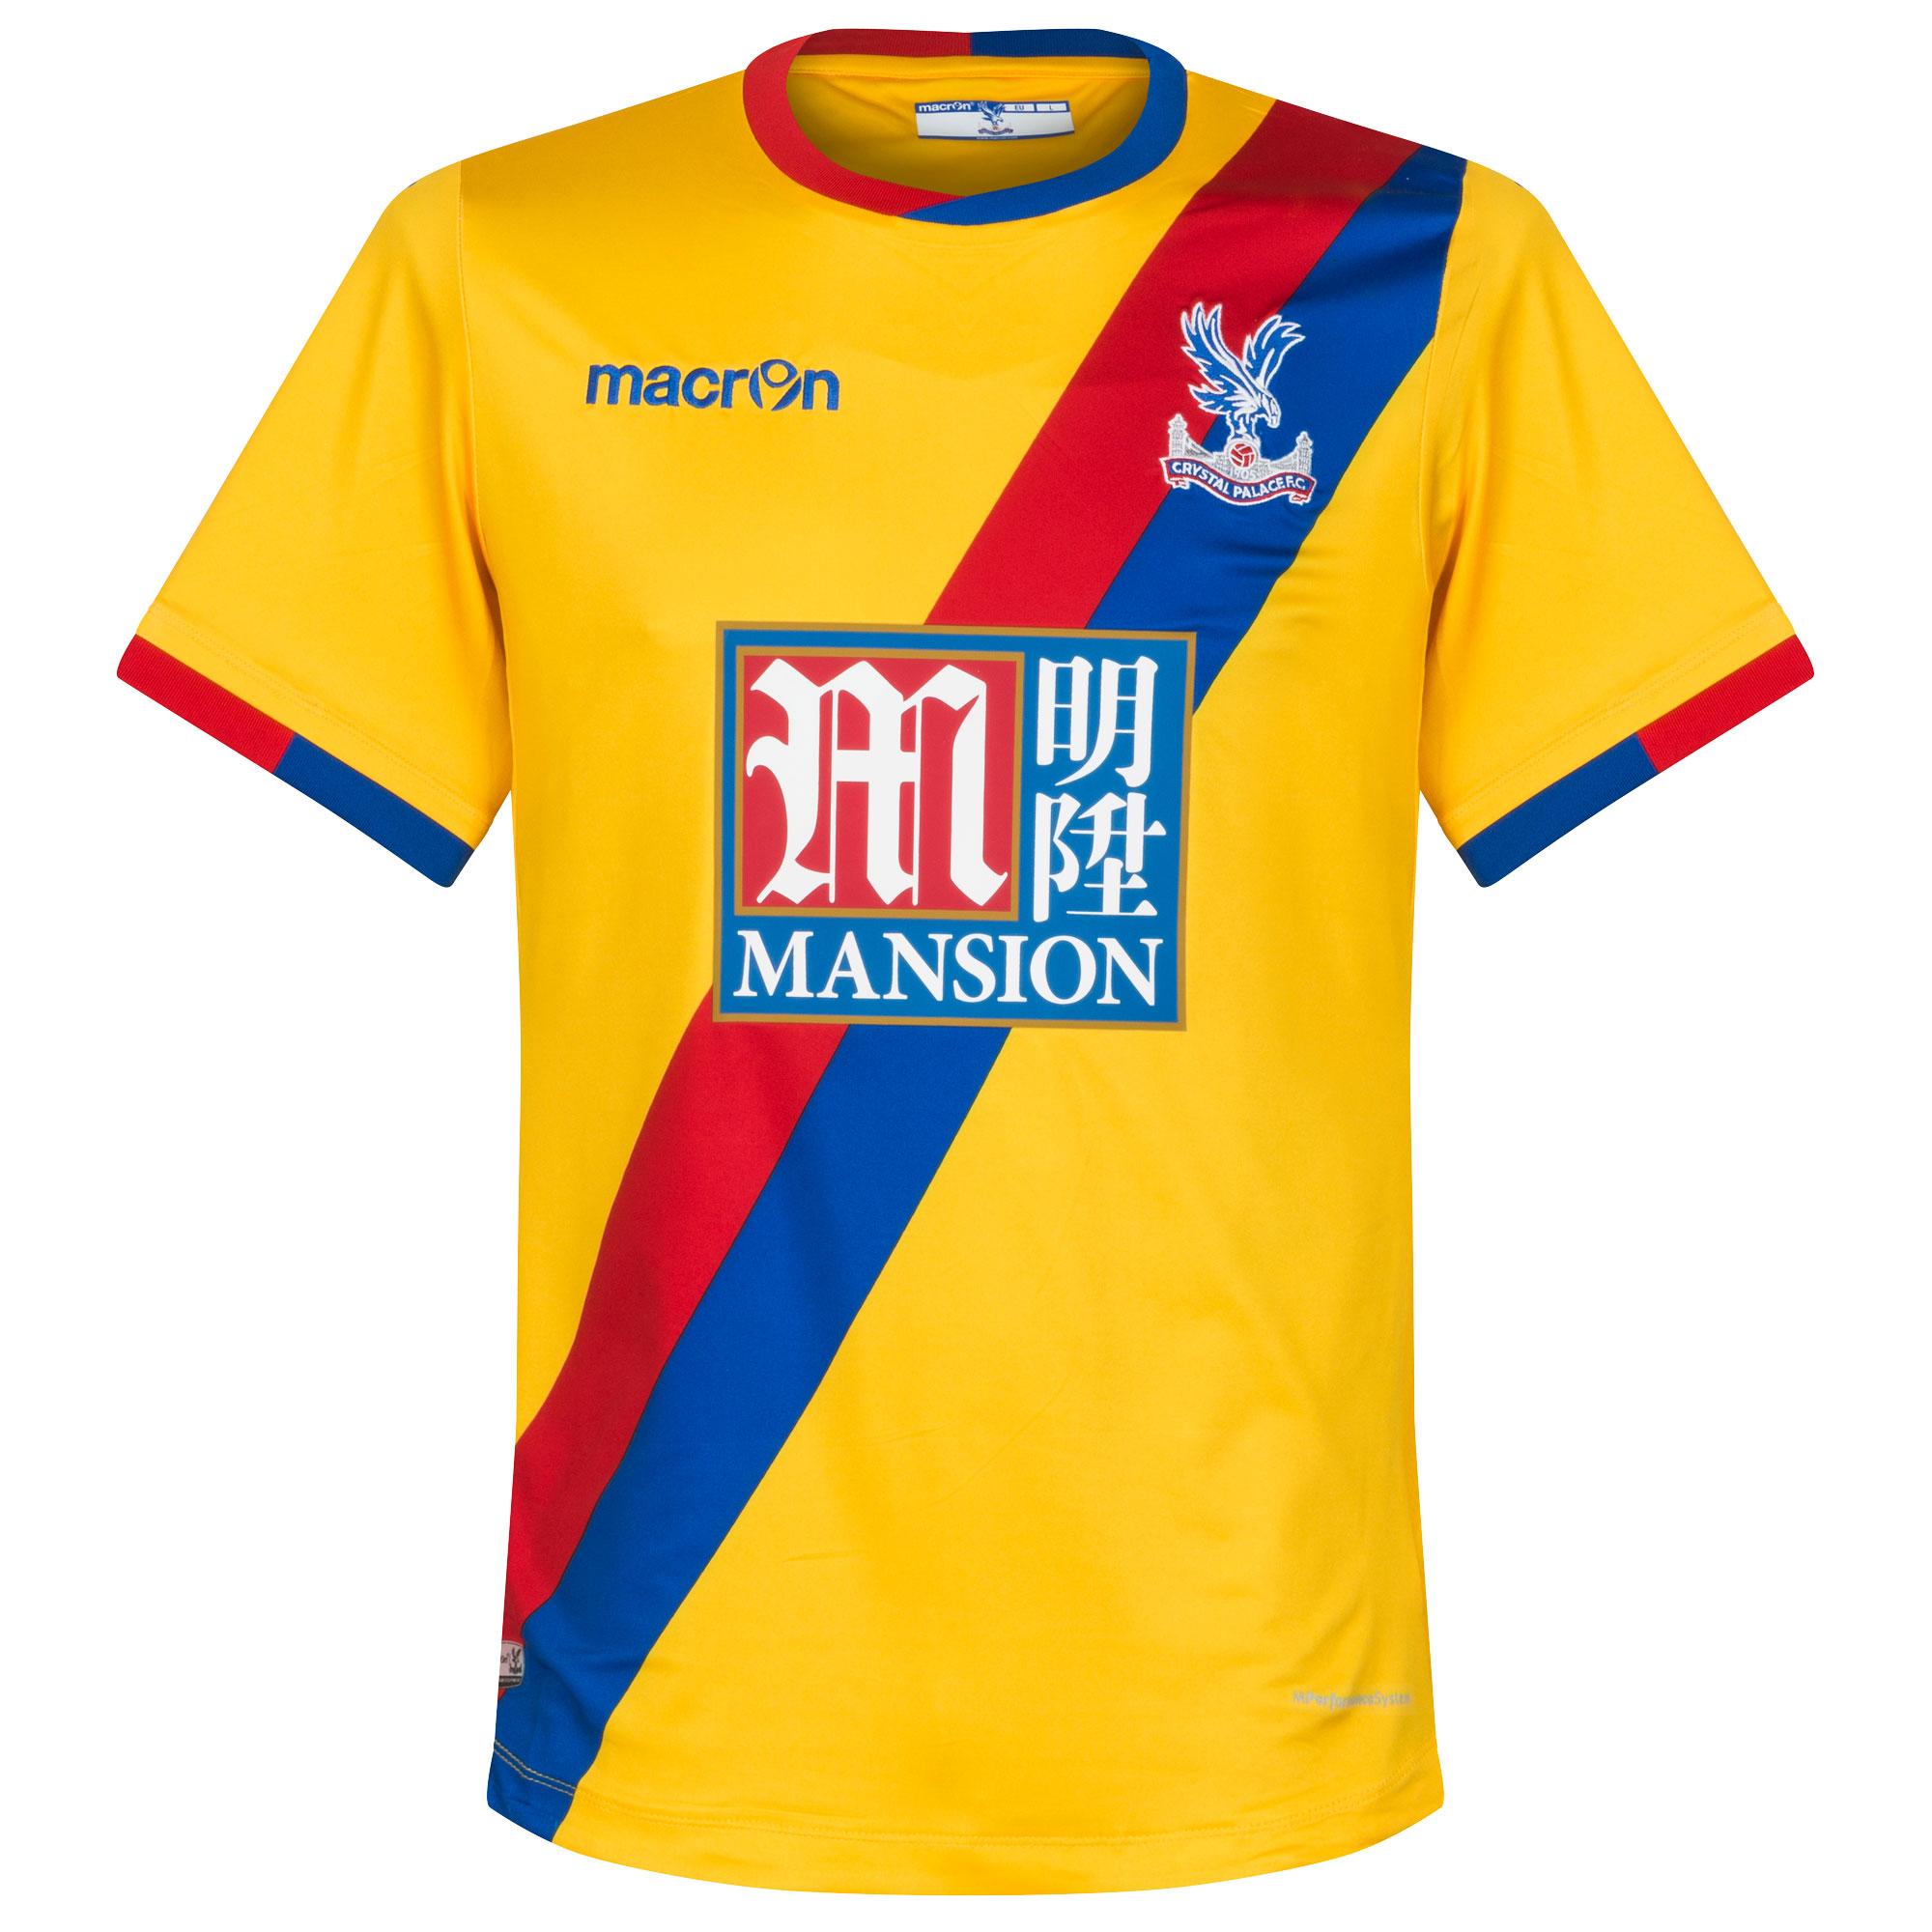 Crystal Palace Away Shirt 2016 2017 - EU